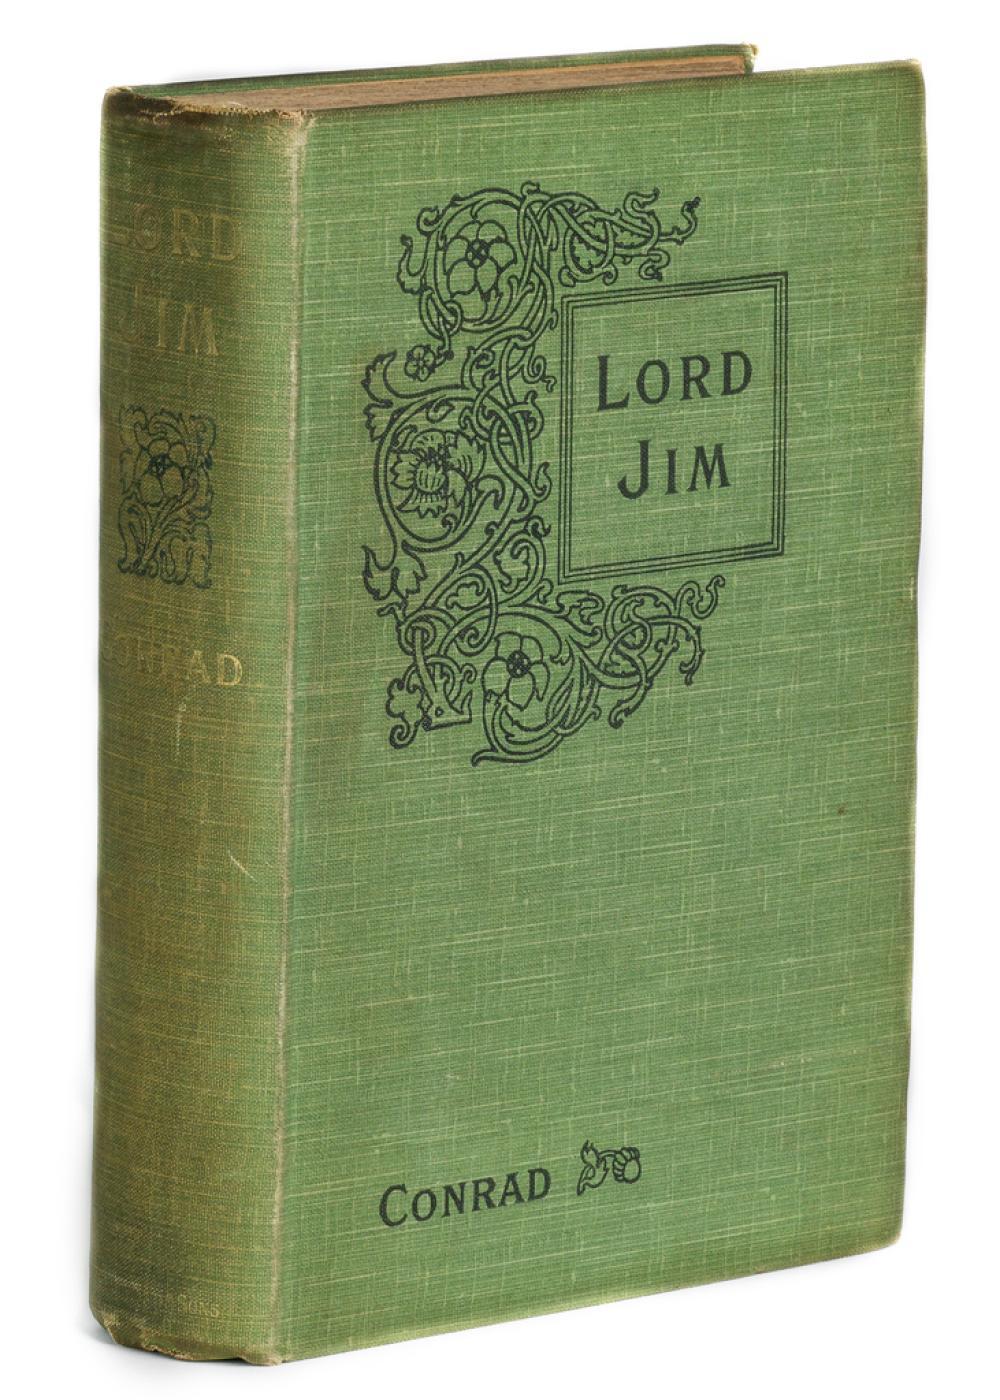 CONRAD, JOSEPH. Lord Jim. A Tale.